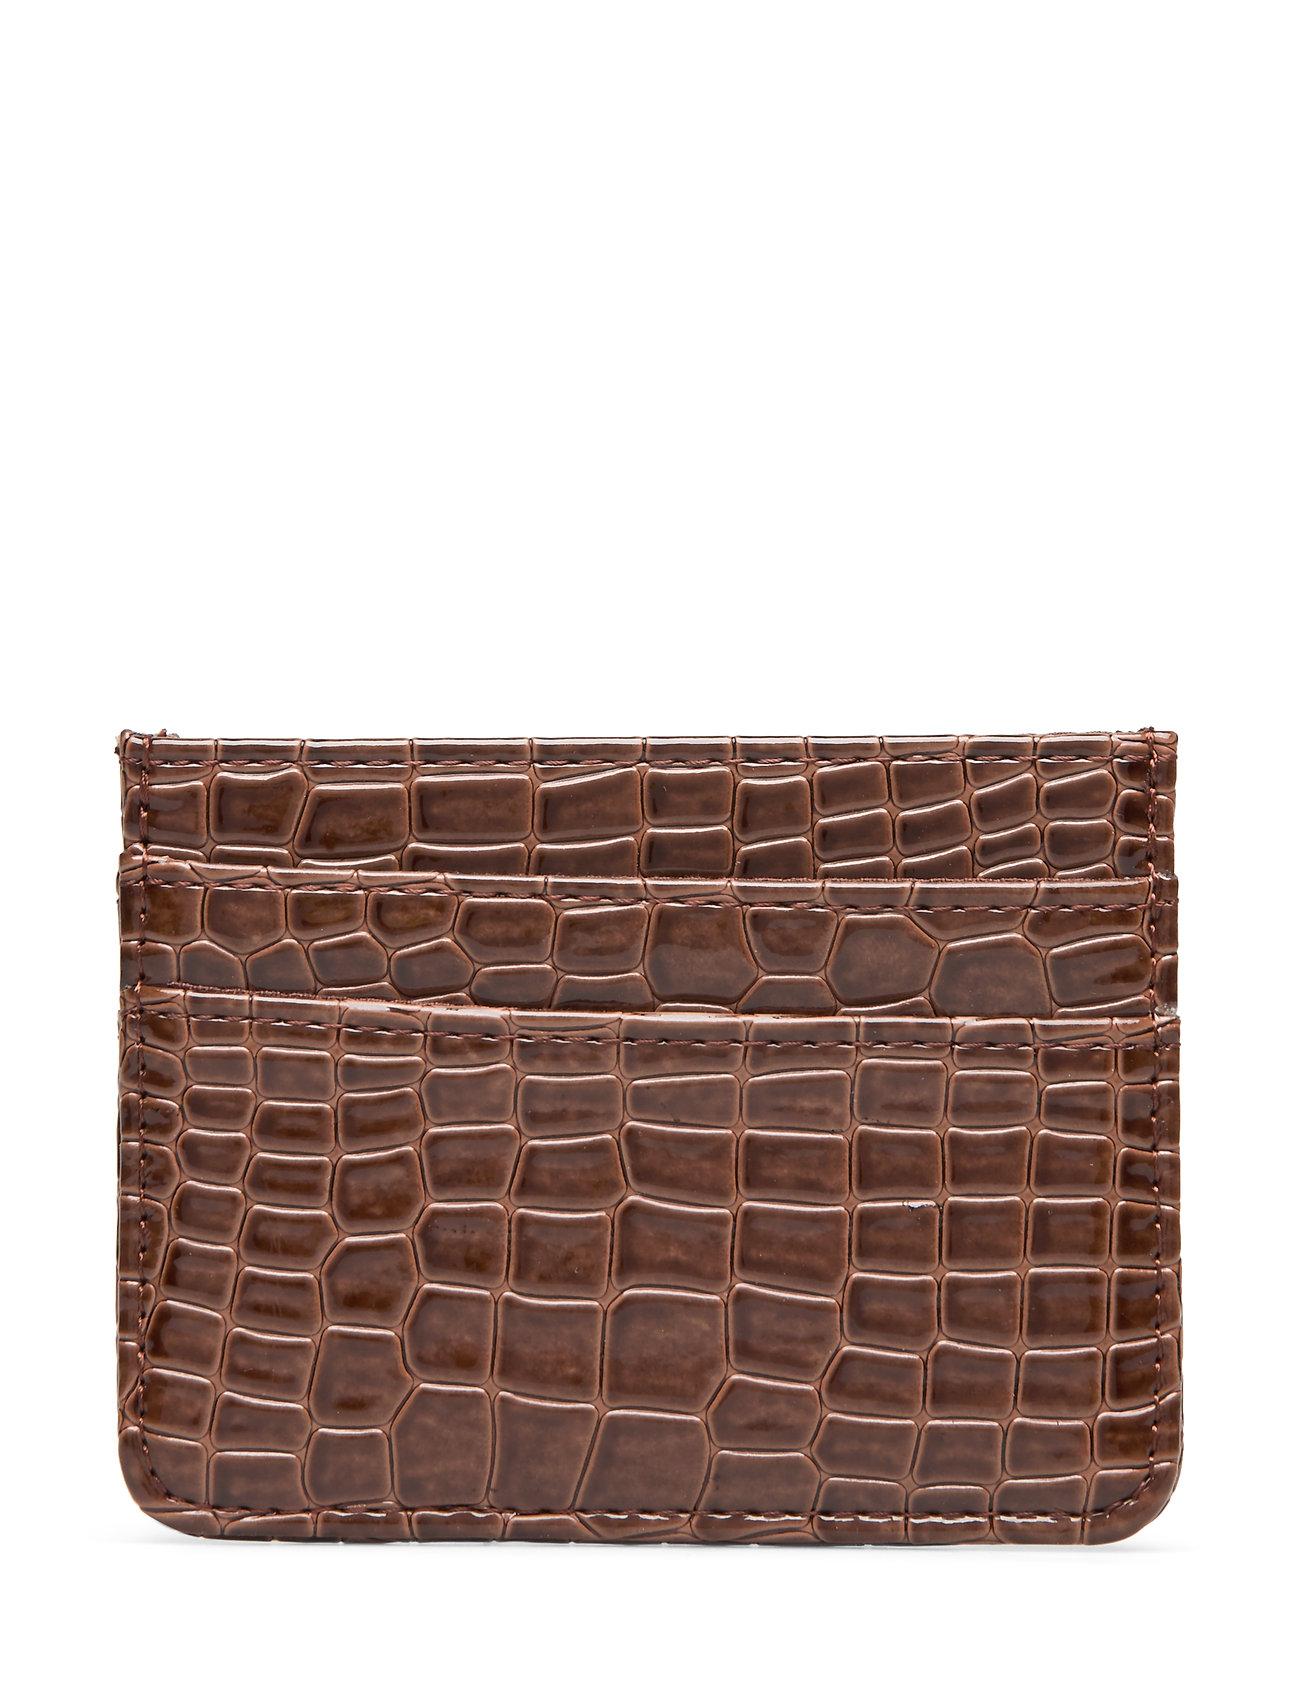 Image of Card Holder Croco Bags Card Holders & Wallets Card Holder Brun Hvisk (3272272441)